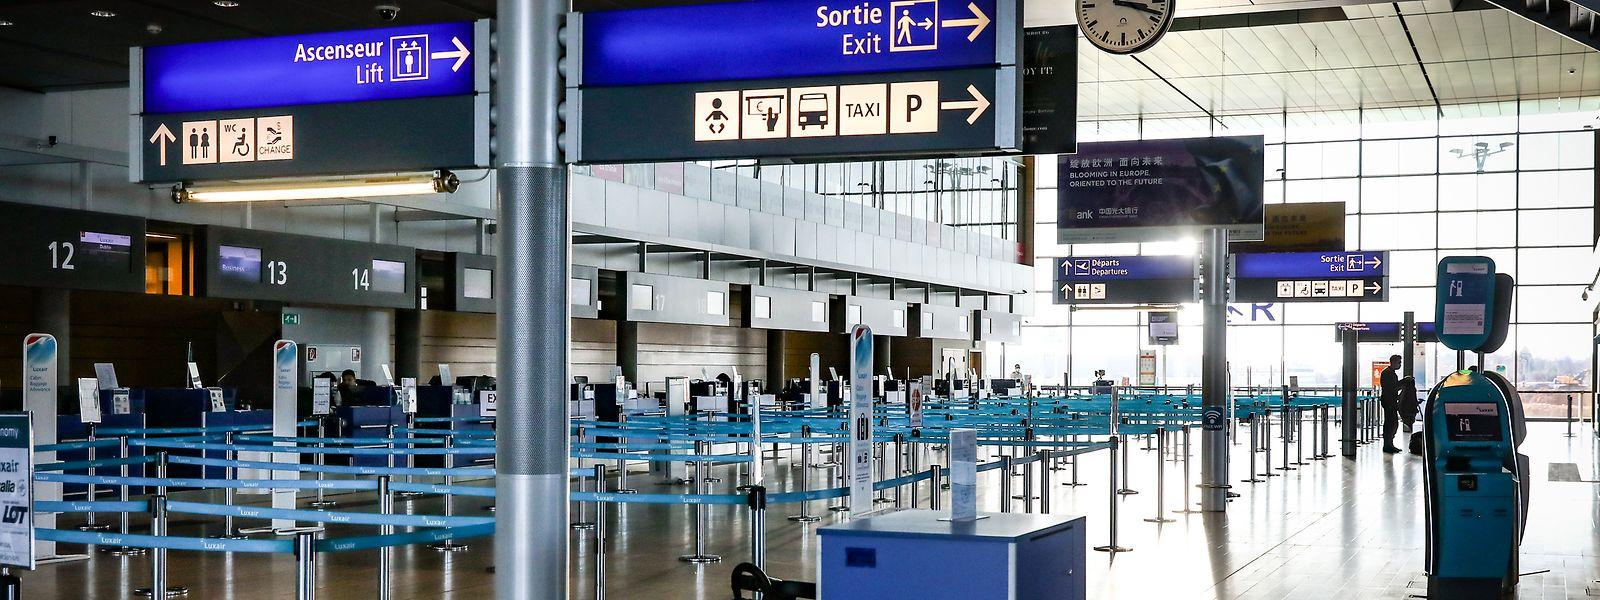 Wer im Flughafen Findel abhebt, könnte in seinem Zielland zunächst unter Quarantäne gesetzt werden.